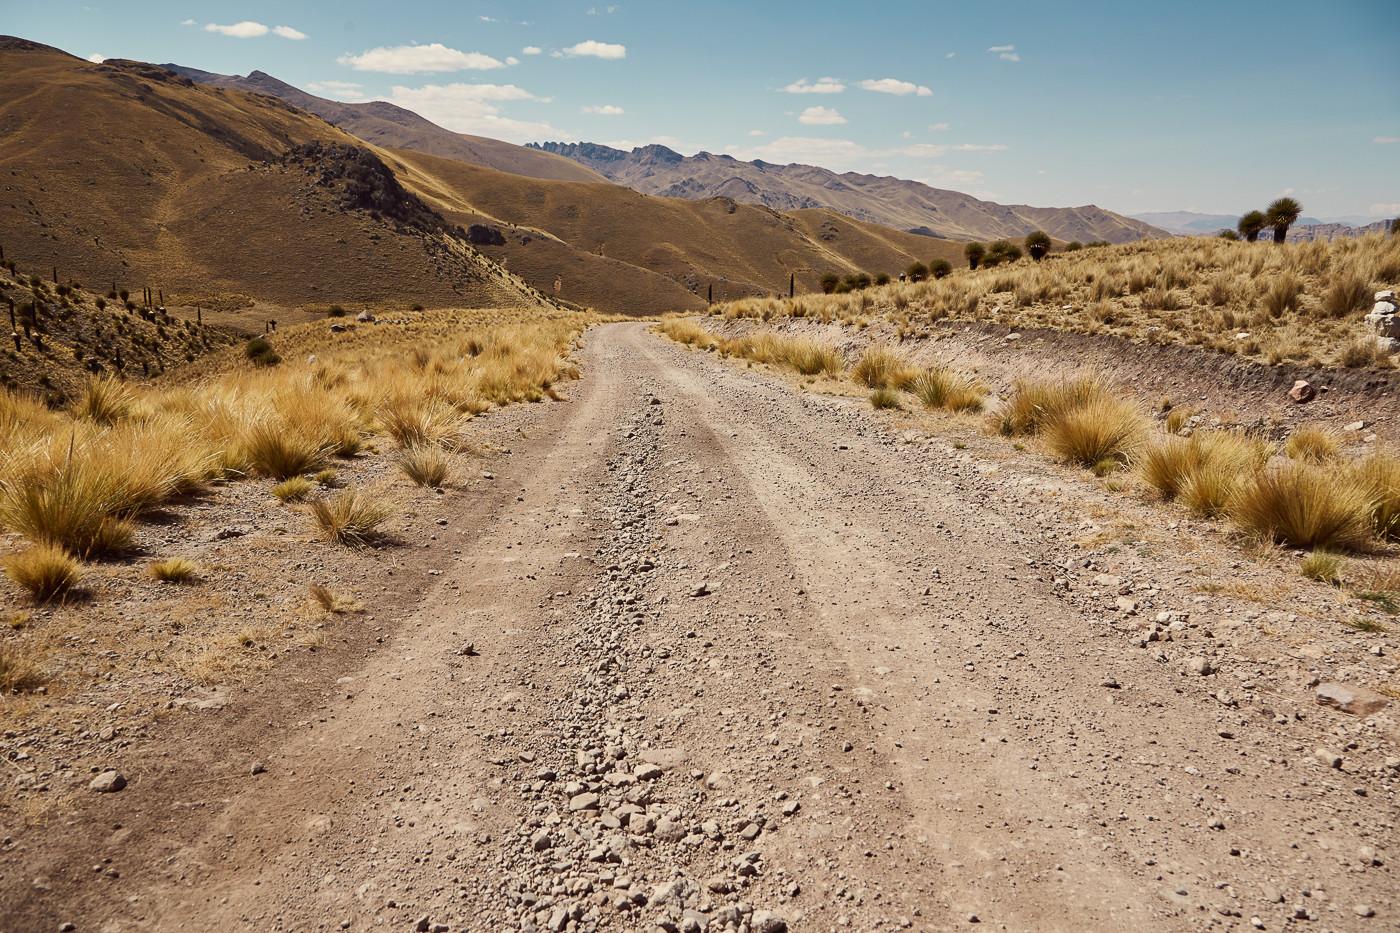 Schotterstraßen können in einem guten Zustand sein. Man sollte trotzdem immer wachsam fahren und aufmerksam die Straße nach Schlaglöchern absuchen!